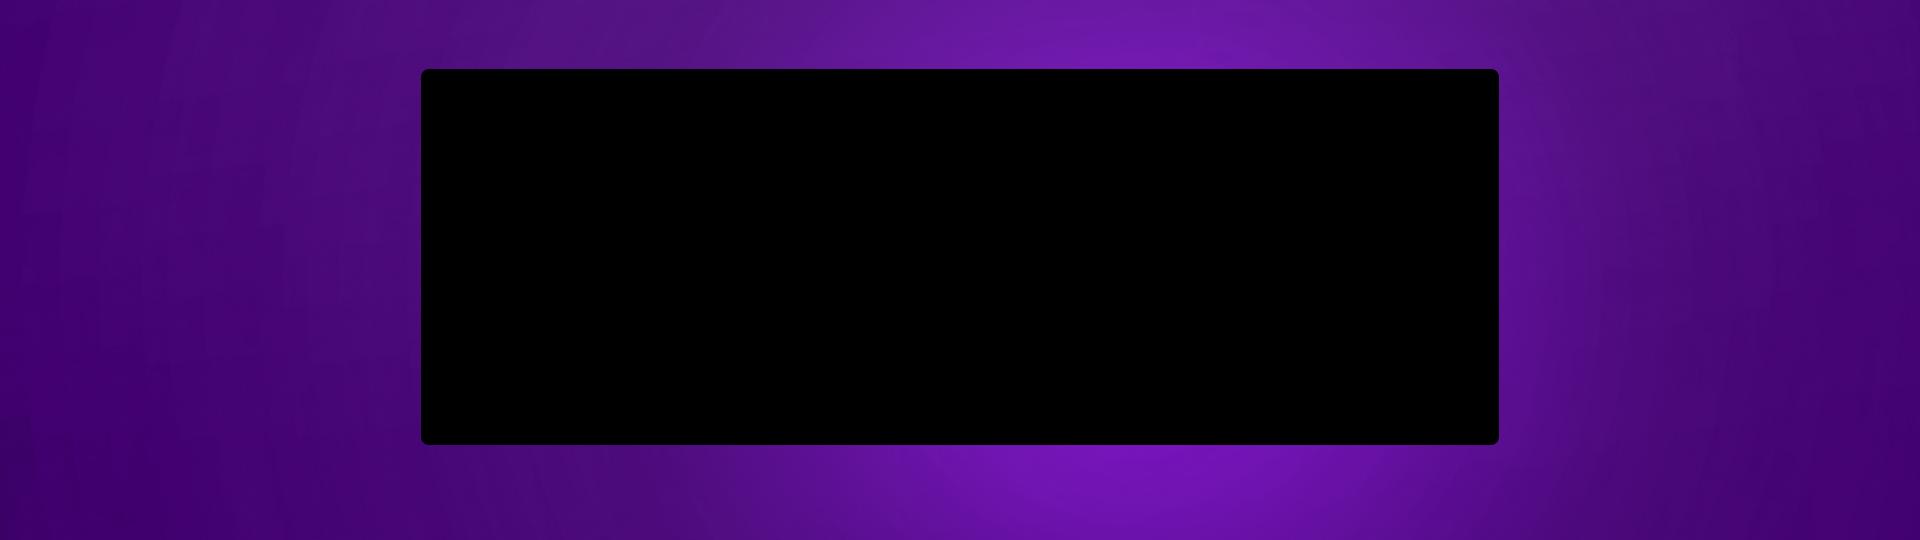 CATEGORY-MARKETING-BAYRAMETTIRENFIRSATLAR300-08-07